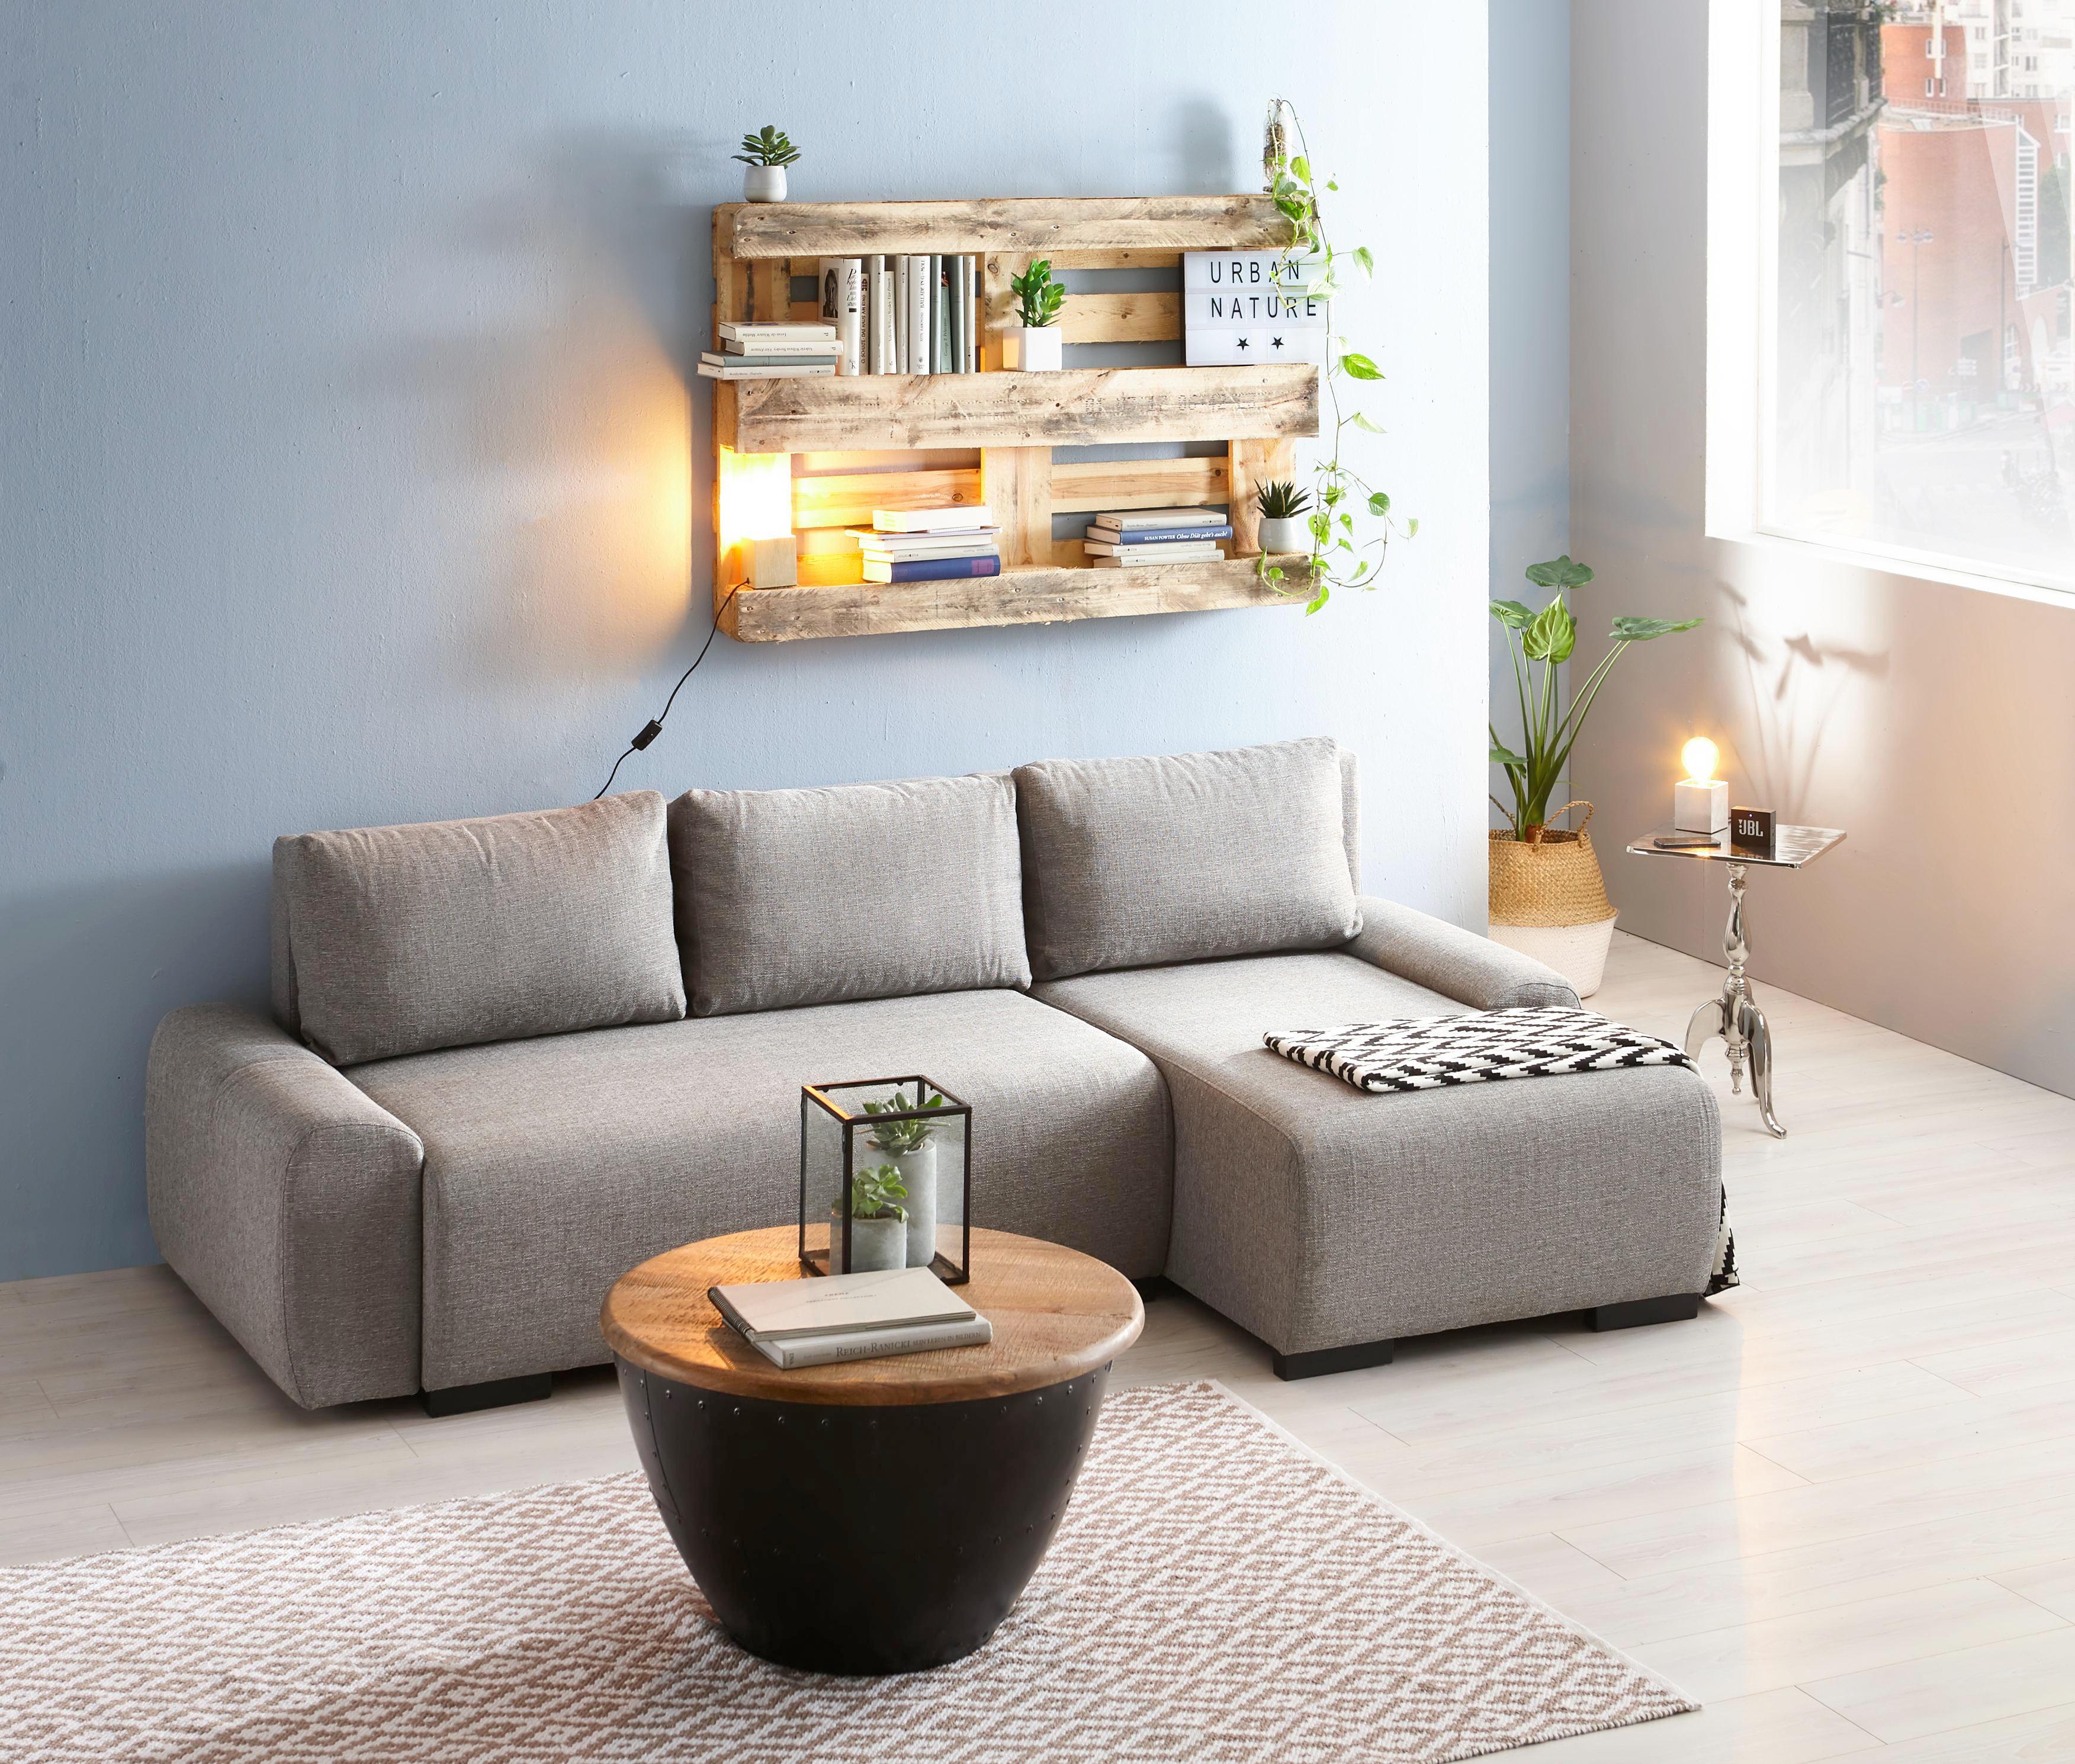 Vielfältige Wohnlandschaften zum Relaxen | XXXLutz